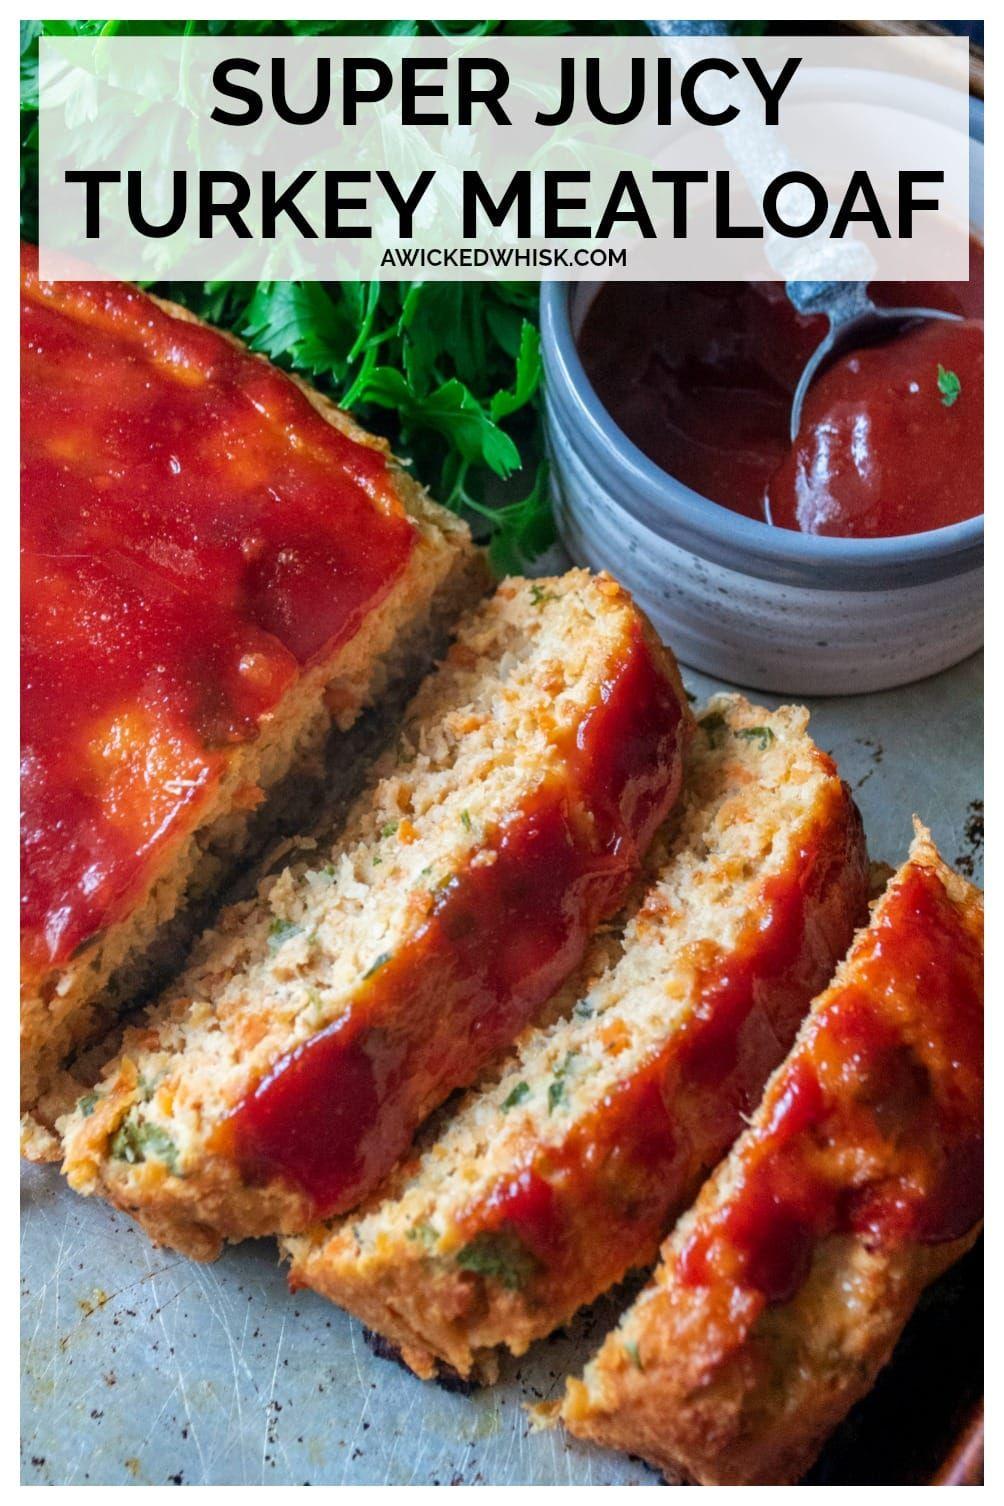 Turkey Meatloaf Recipe Turkey Meatloaf Recipes Ground Turkey Recipes Easy Recipes